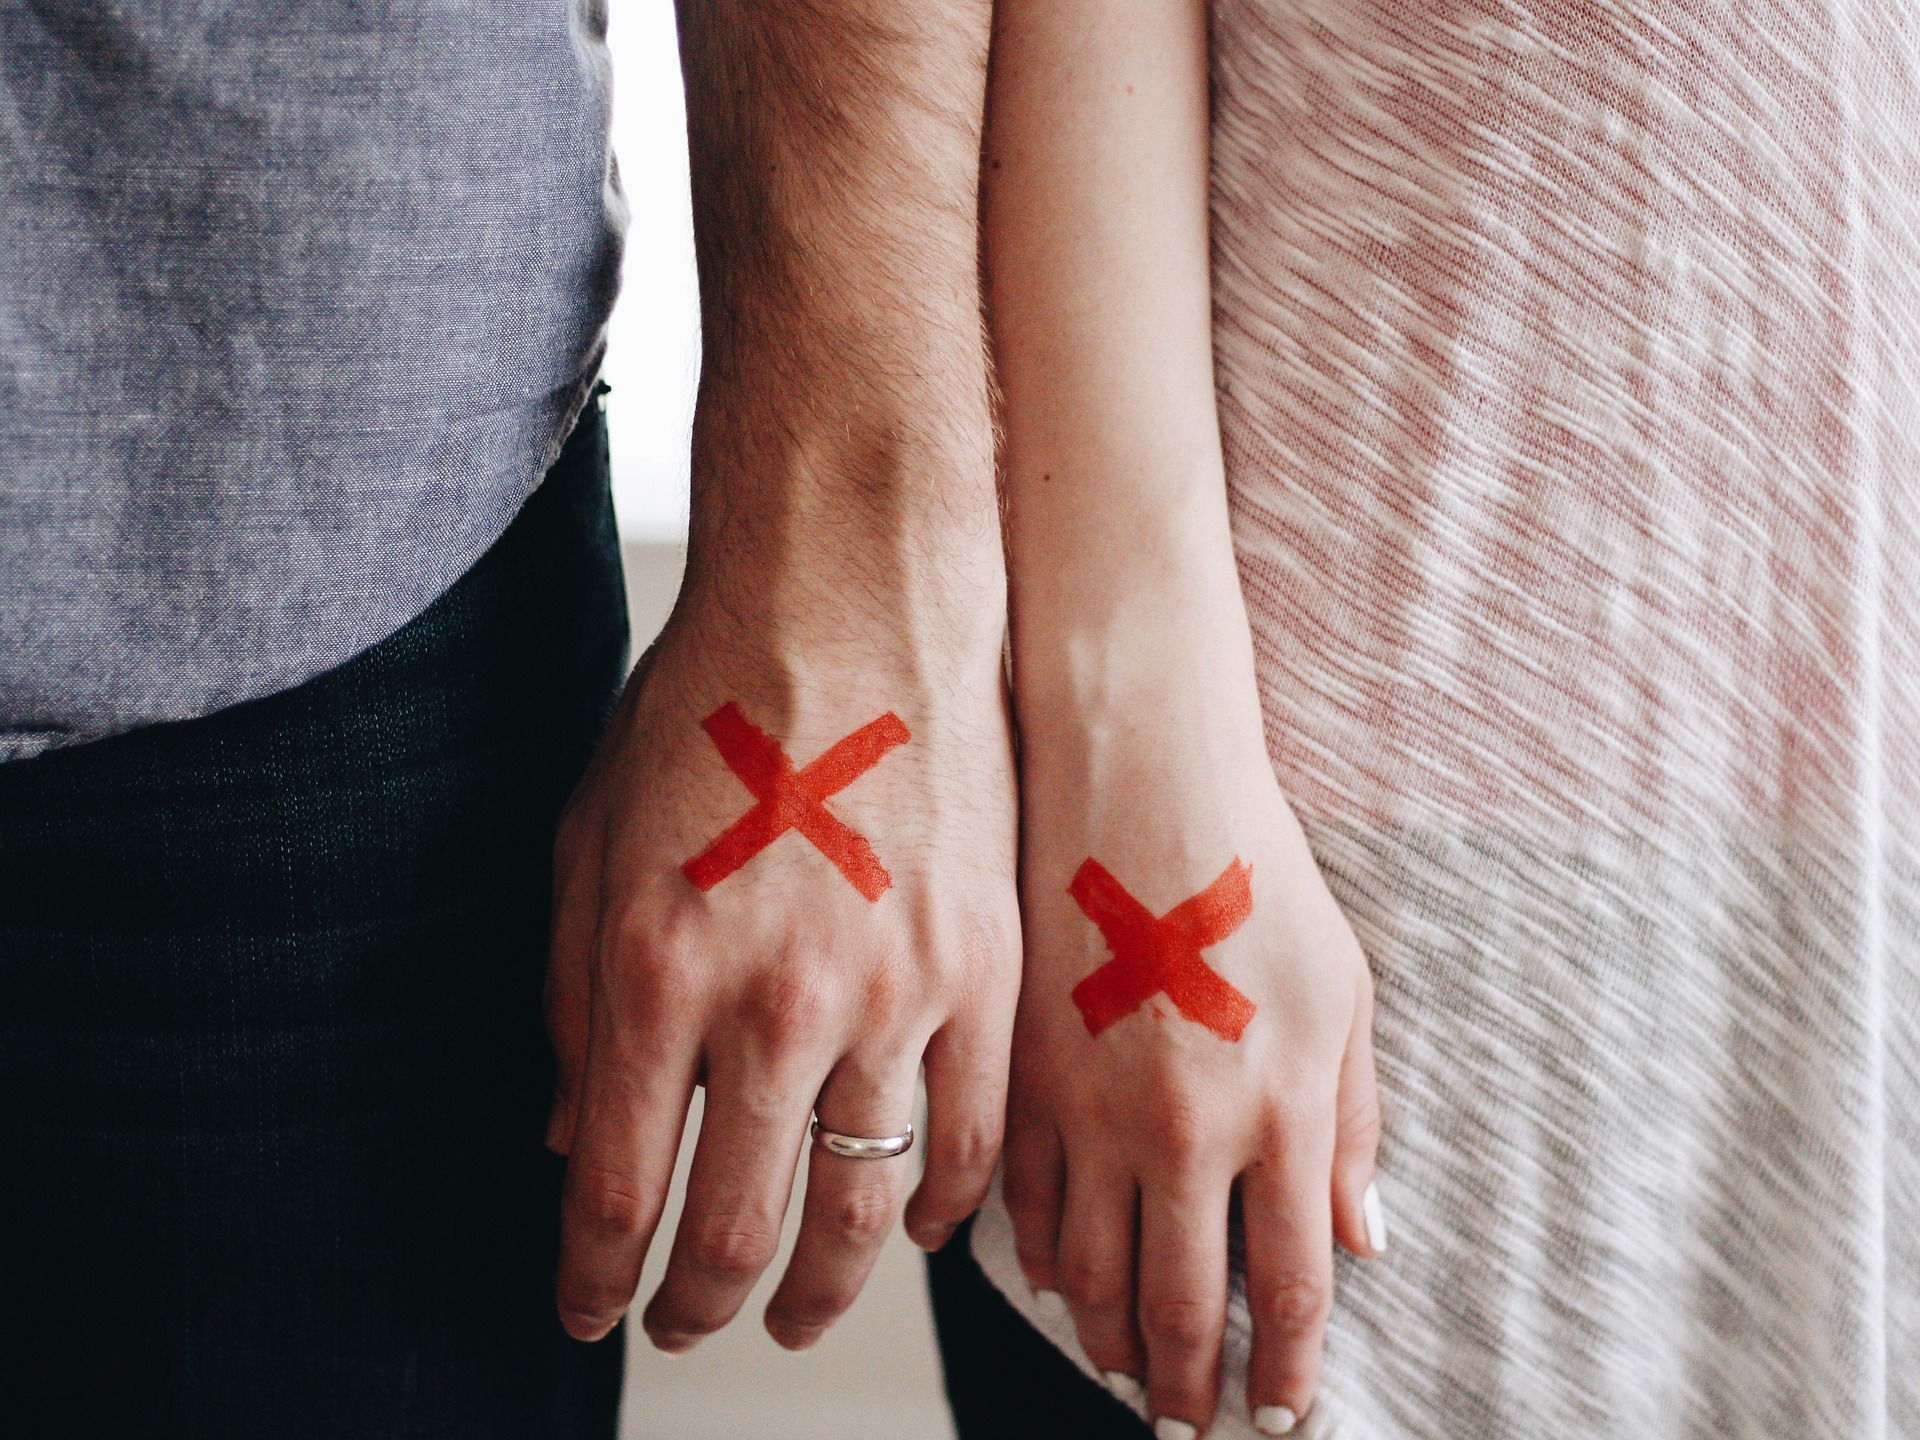 męska i damska dłoń z czerwonymi iksami rozpad związku